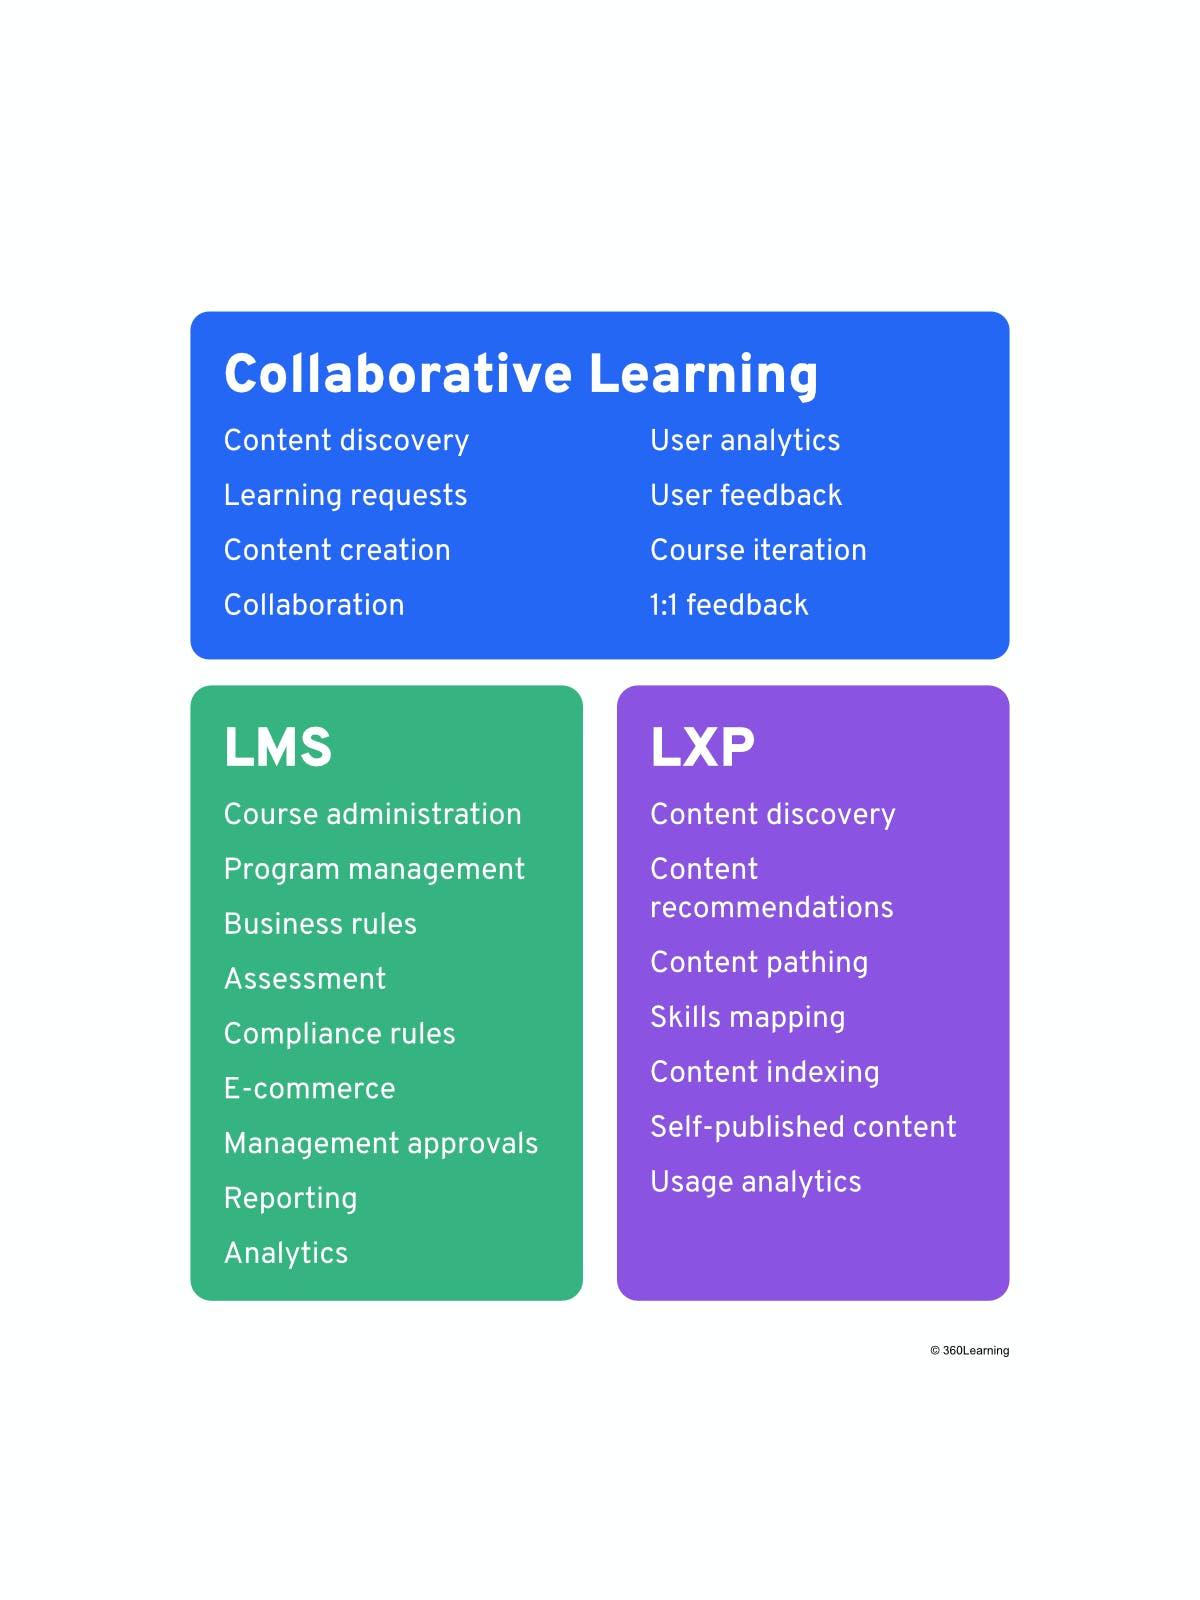 LXP vs. LMS vs. Collaborative Learning